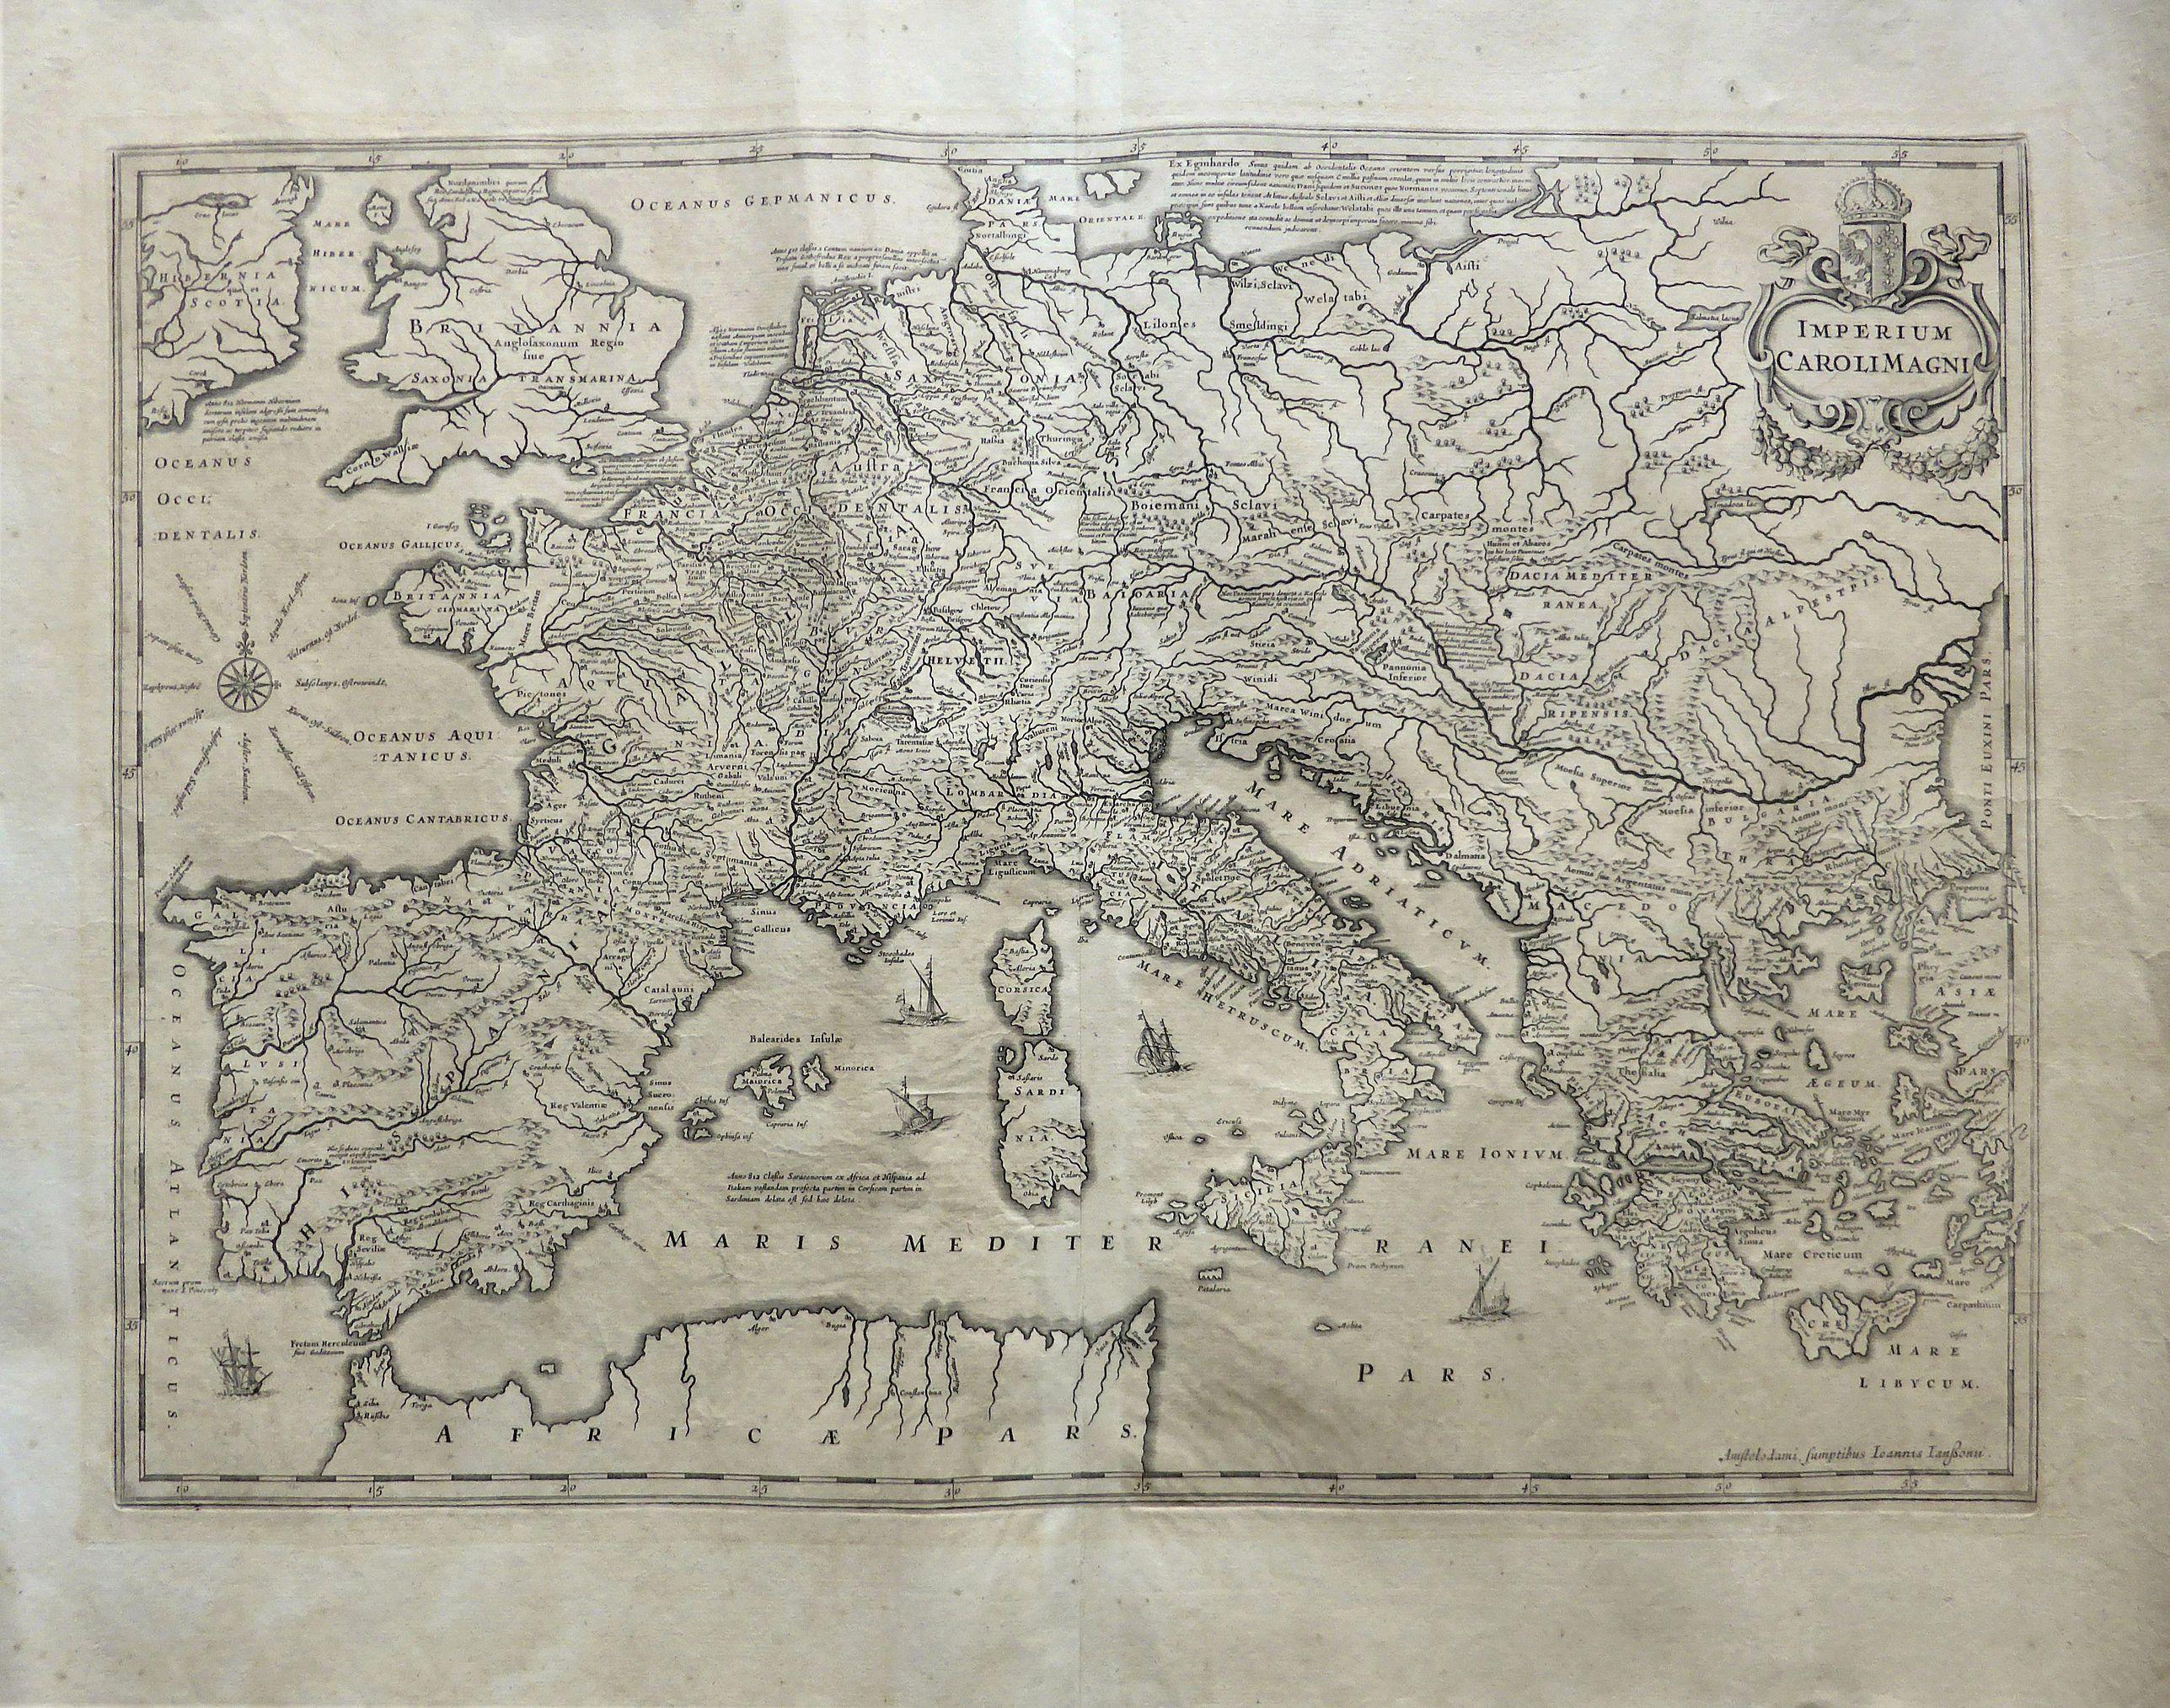 JANSSON, Jan. - Imperium Caroli Magni.